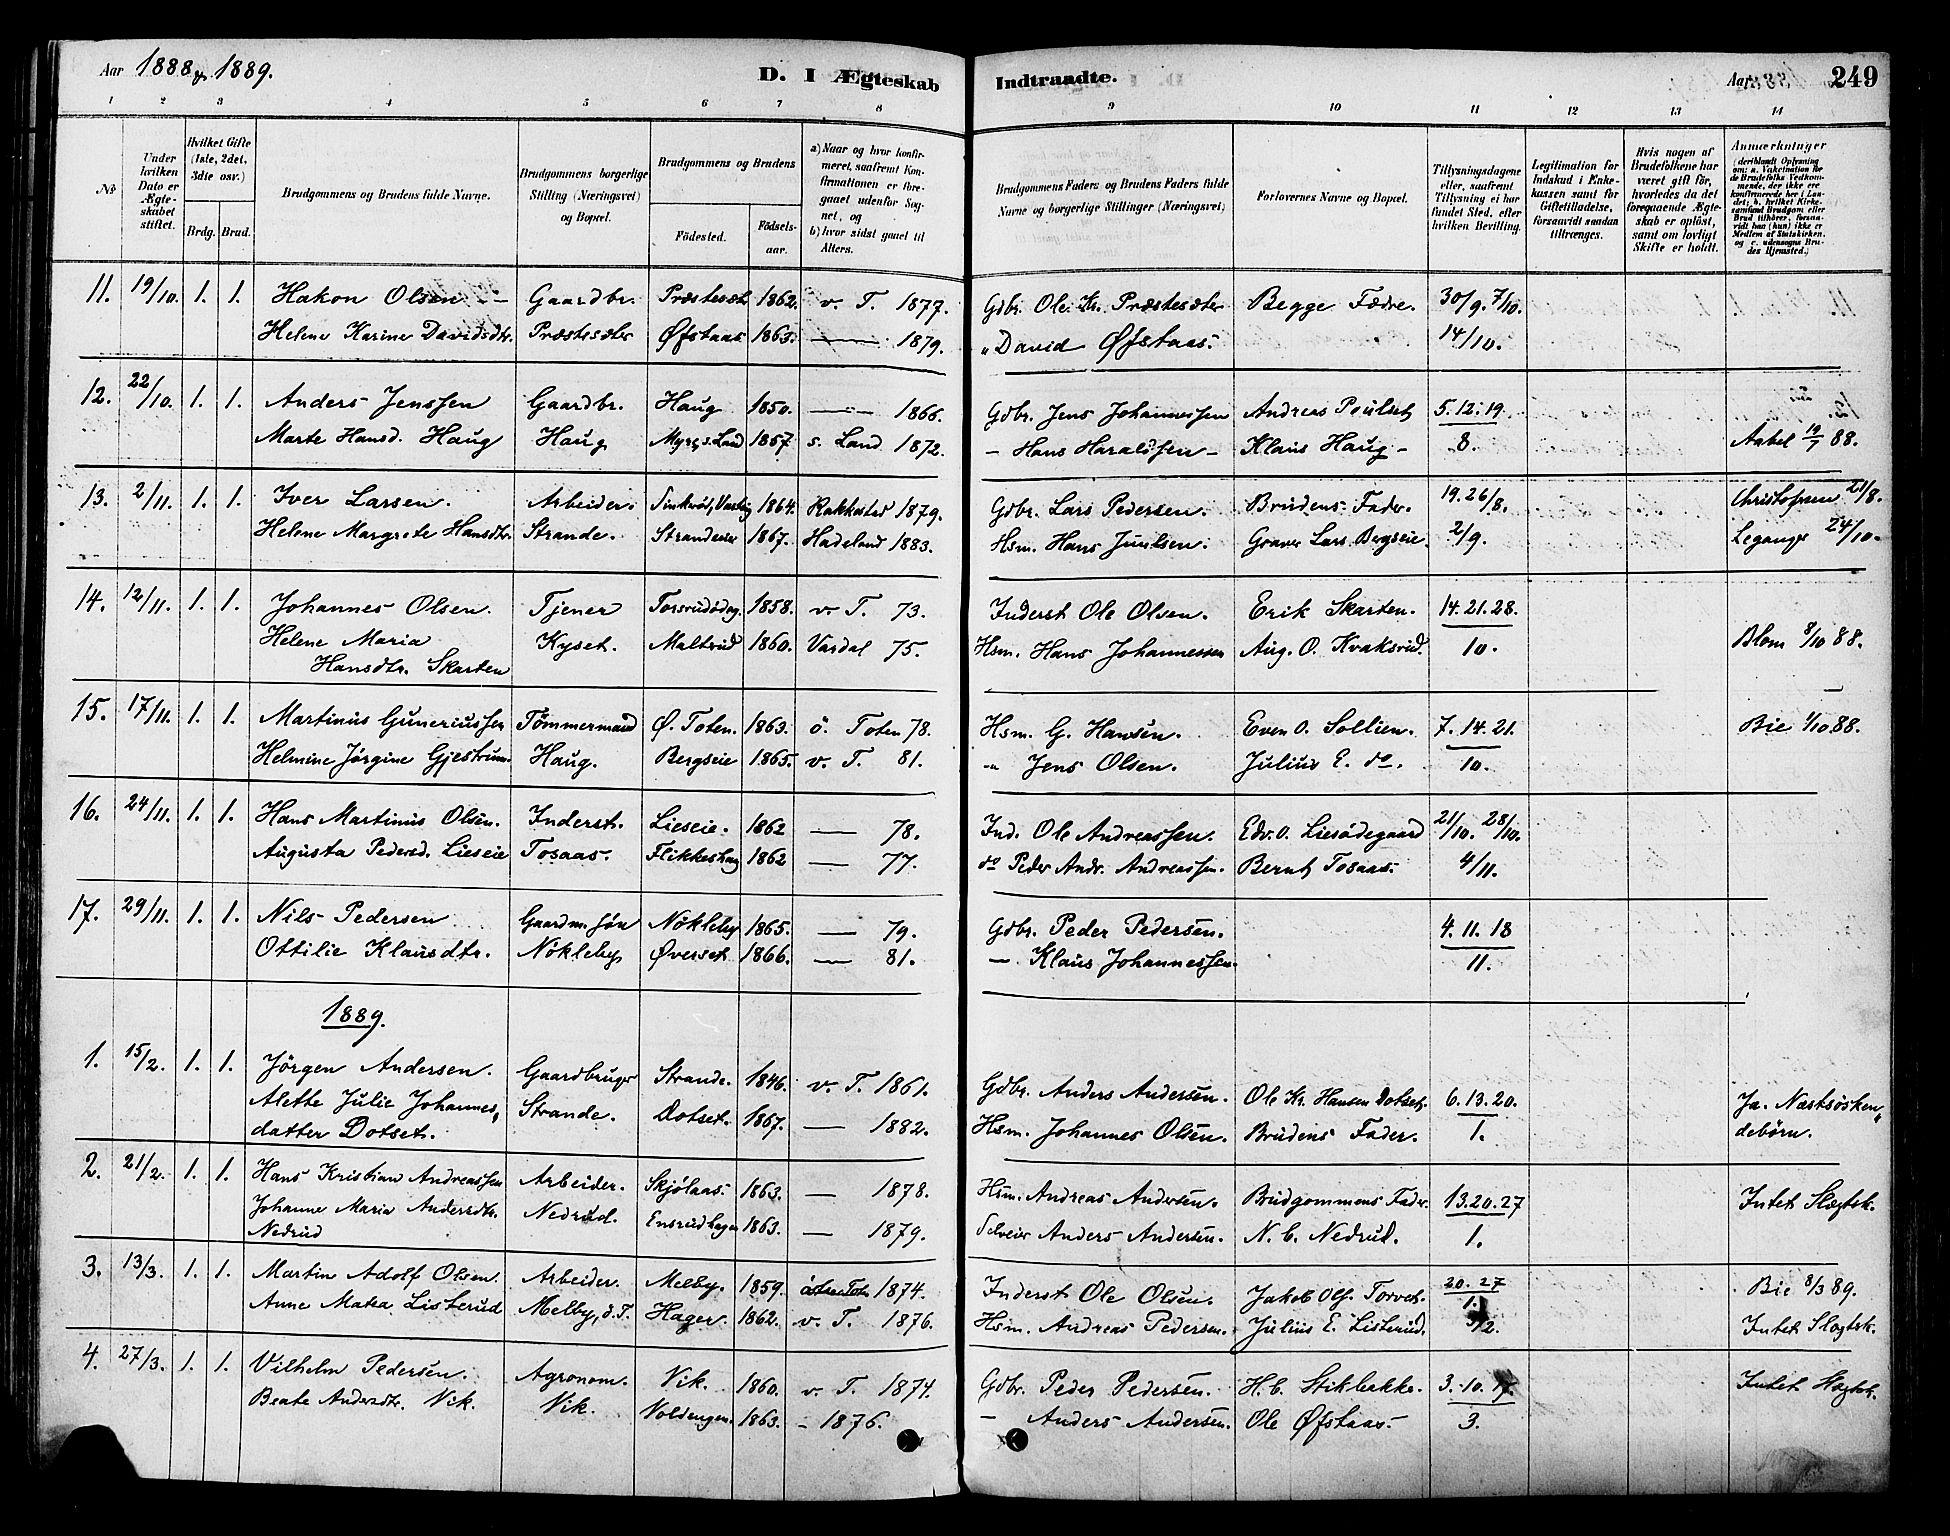 SAH, Vestre Toten prestekontor, Ministerialbok nr. 9, 1878-1894, s. 249